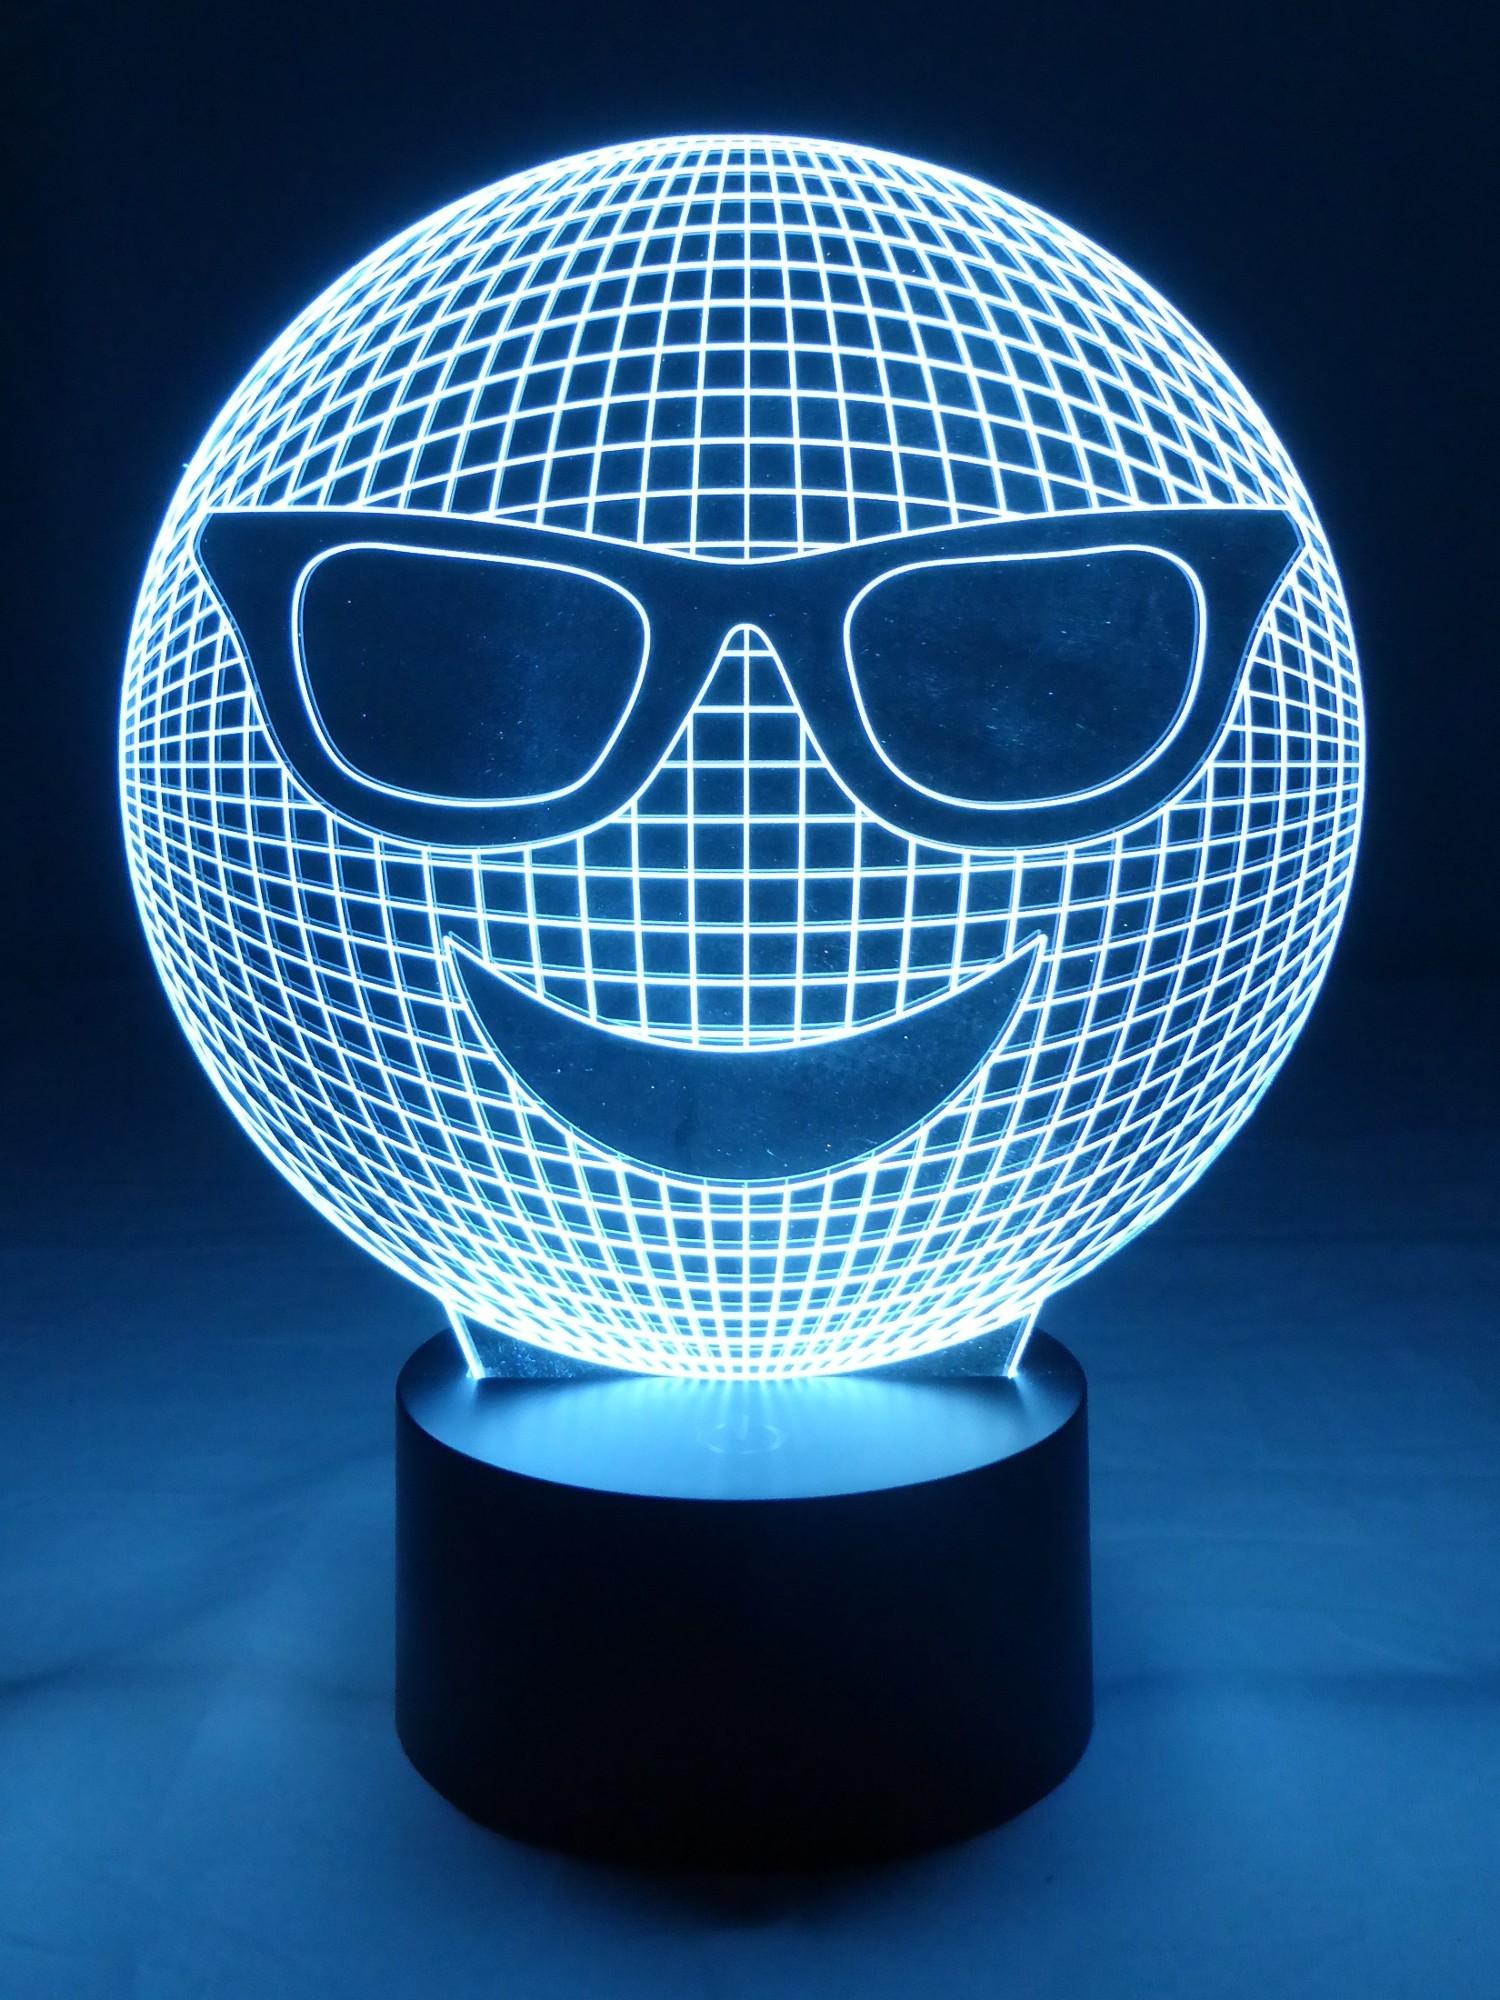 originelle 3d led lampe smiley tischlampe emoji mit 7 leuchtfarben. Black Bedroom Furniture Sets. Home Design Ideas